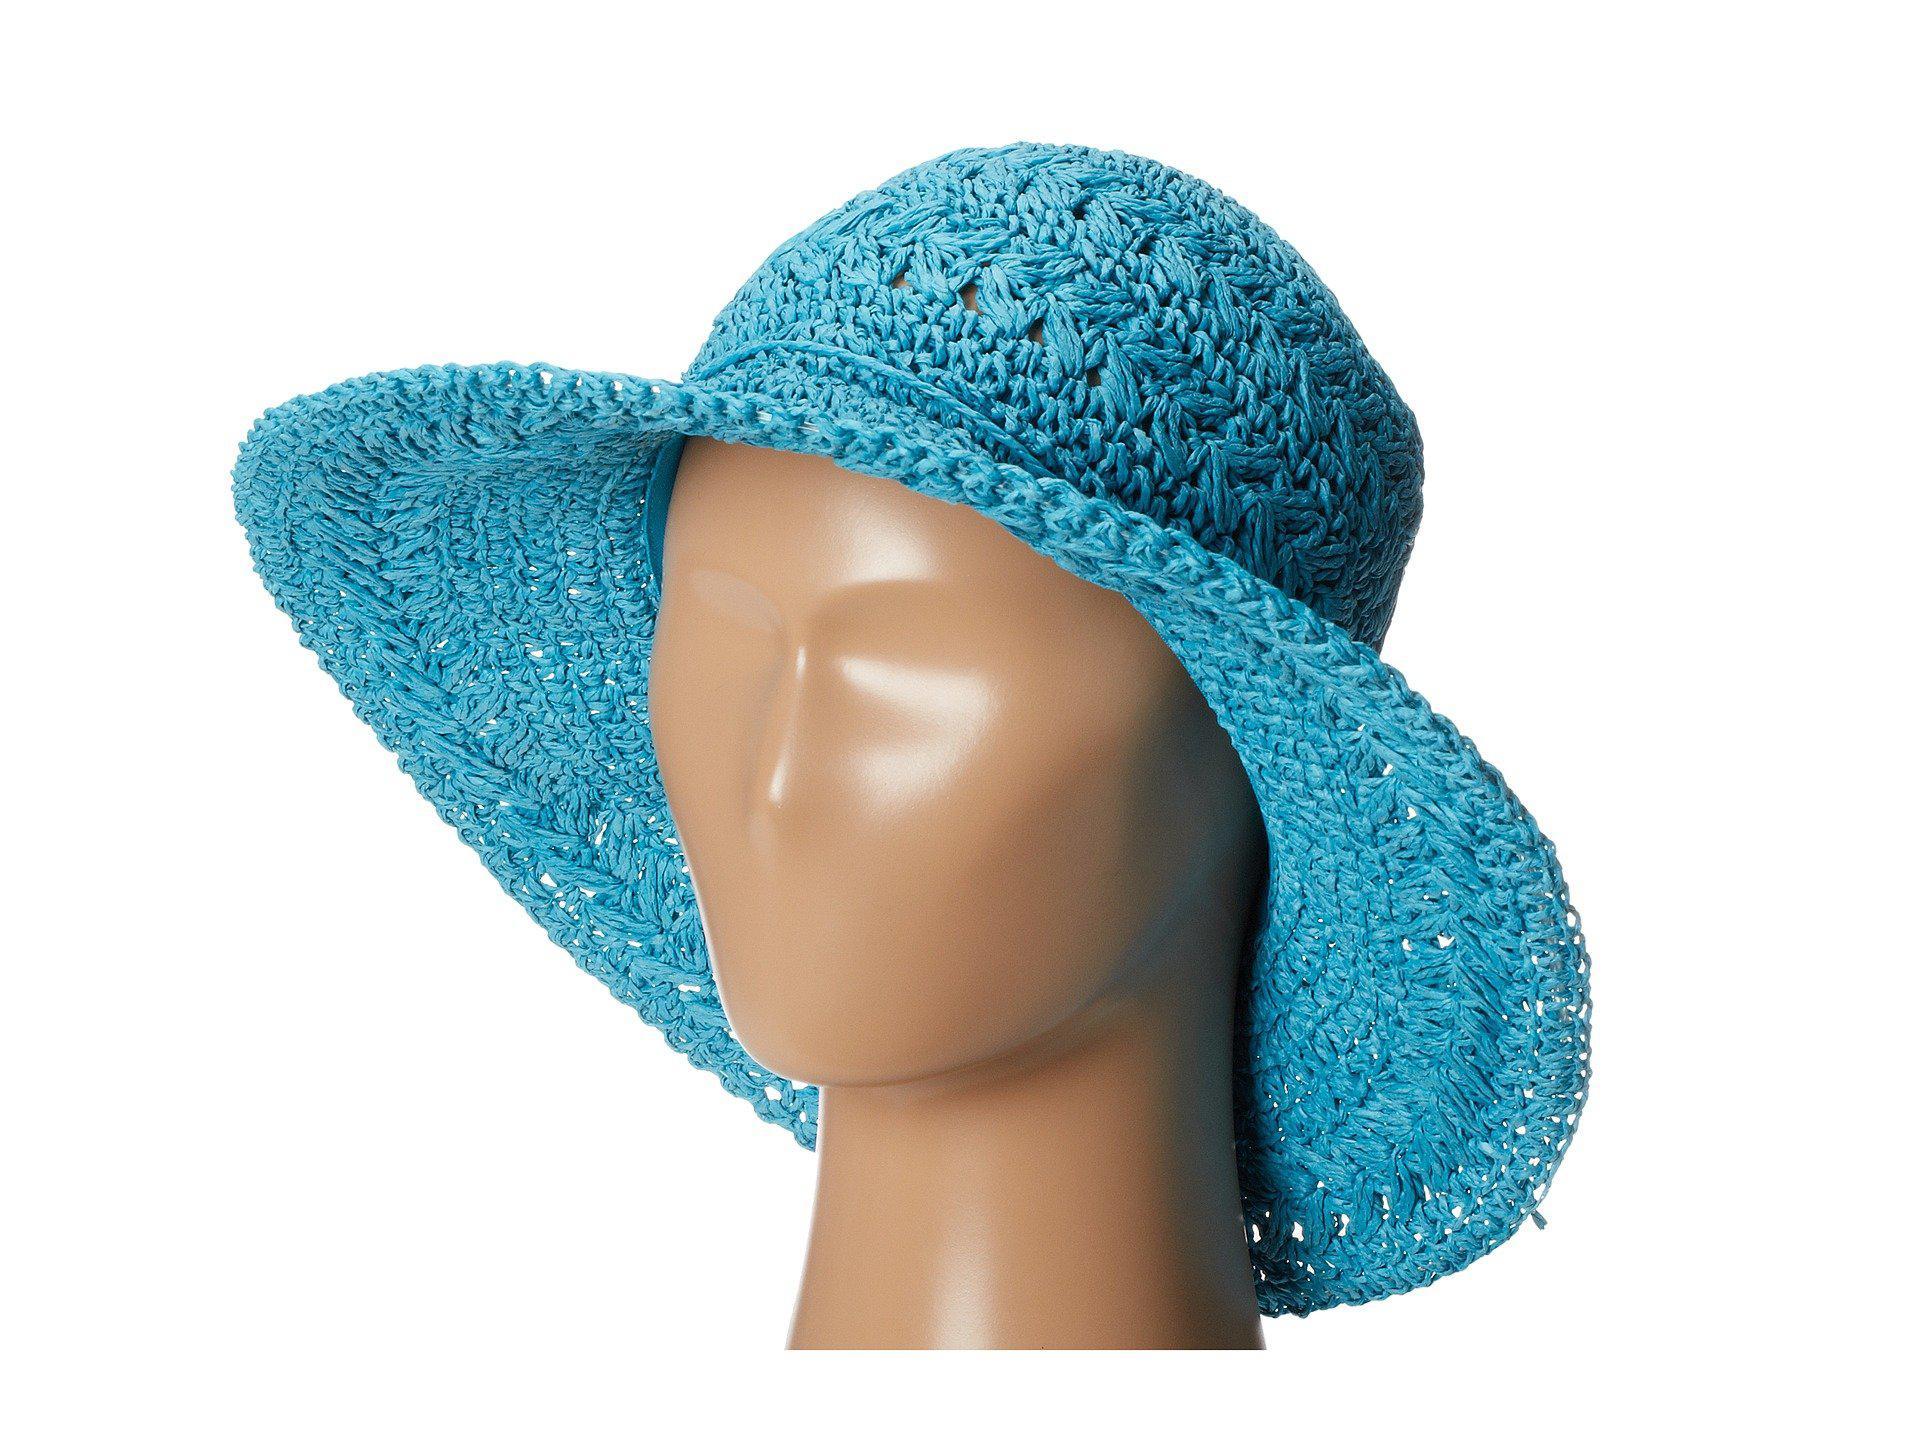 c60e983fafe552 Lyst - San Diego Hat Company Medium Brim Crochet Floppy in Blue